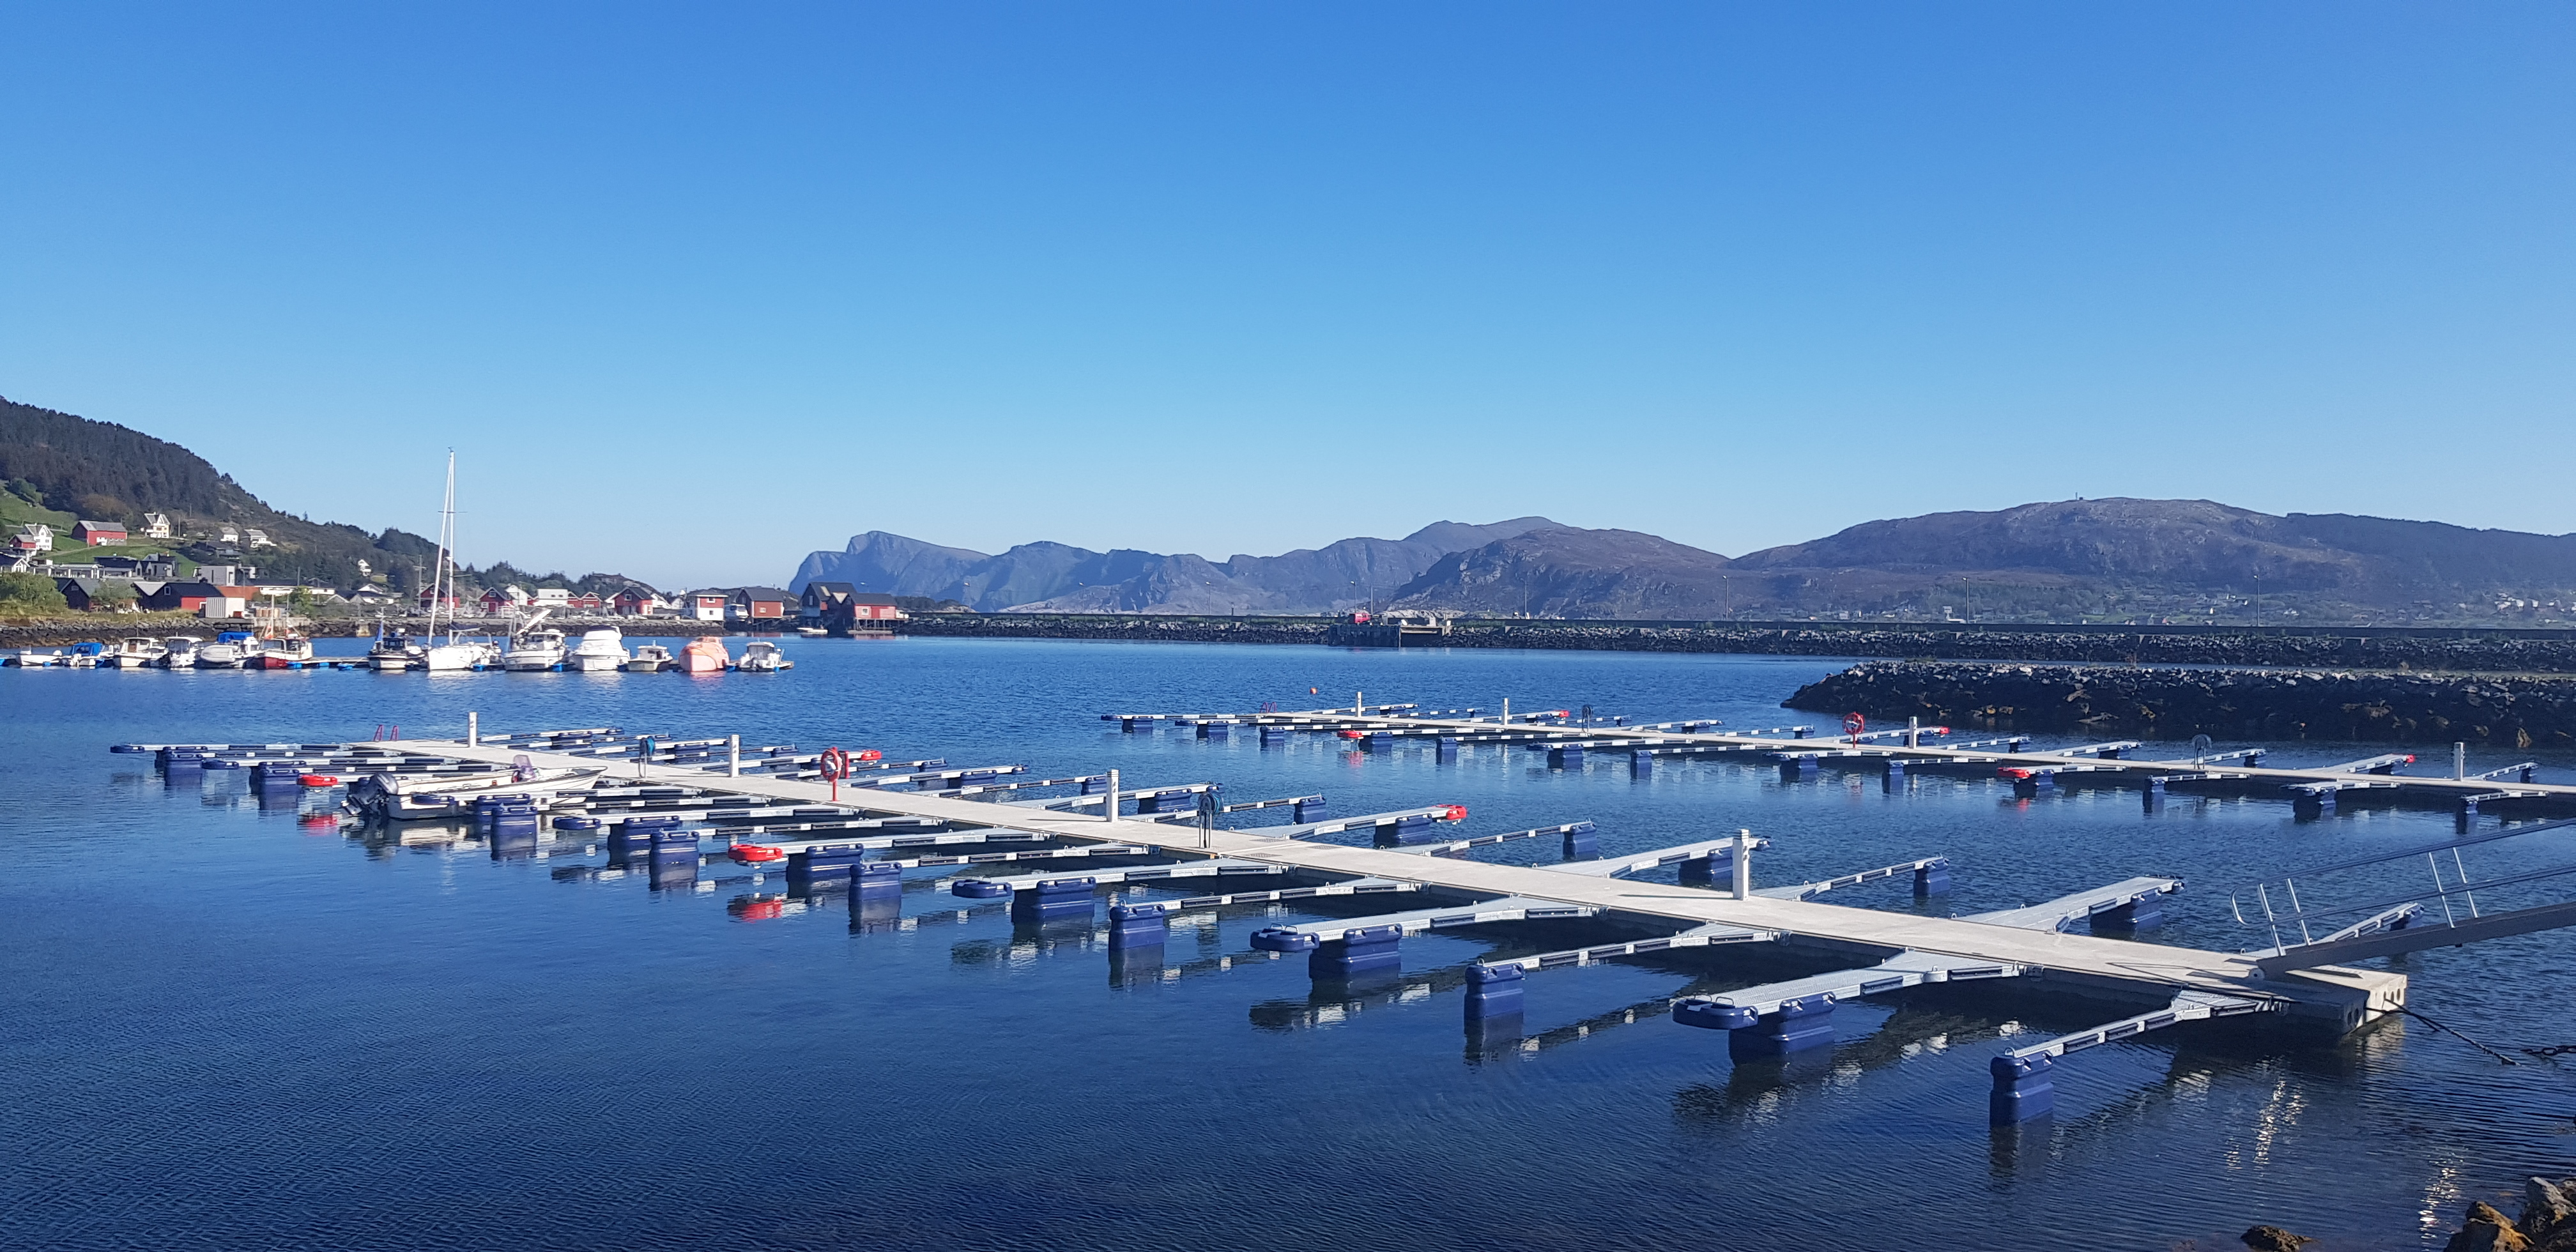 https://marinasolutions.no/uploads/Søre-Vaulen-småbåtlag-foto-John-Dagfinn-Frøystad-2.jpg